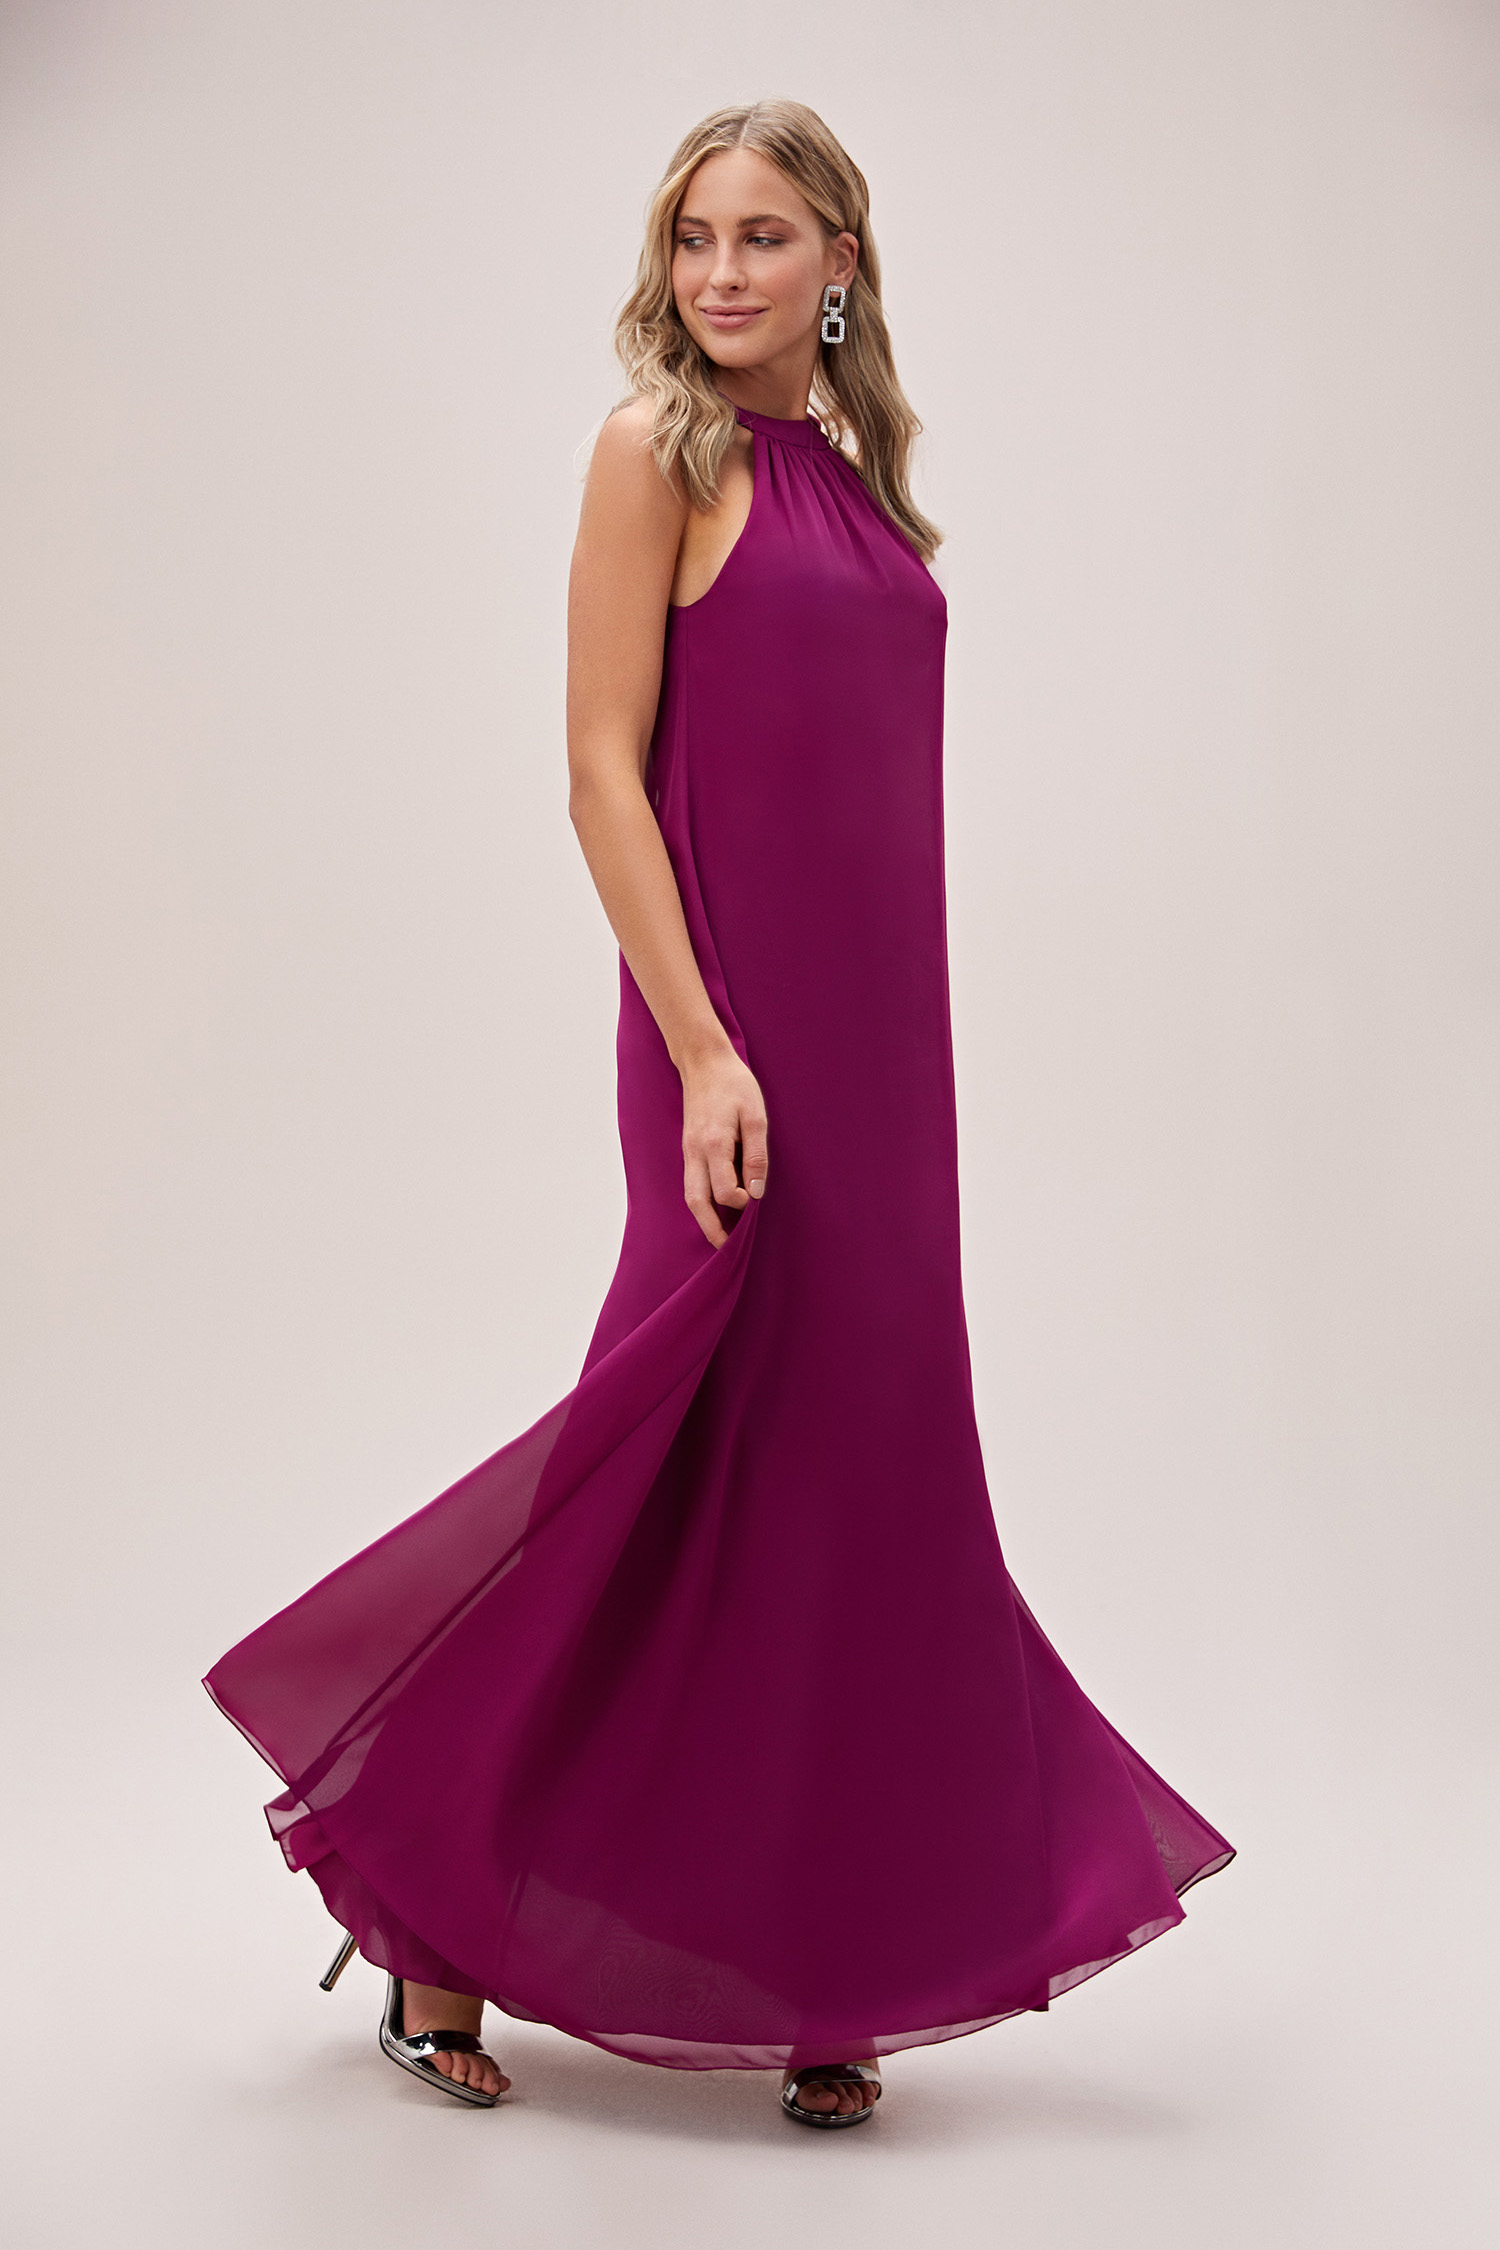 Açık Mürdüm Rengi Halter Yaka Şifon Uzun Abiye Elbise - Thumbnail